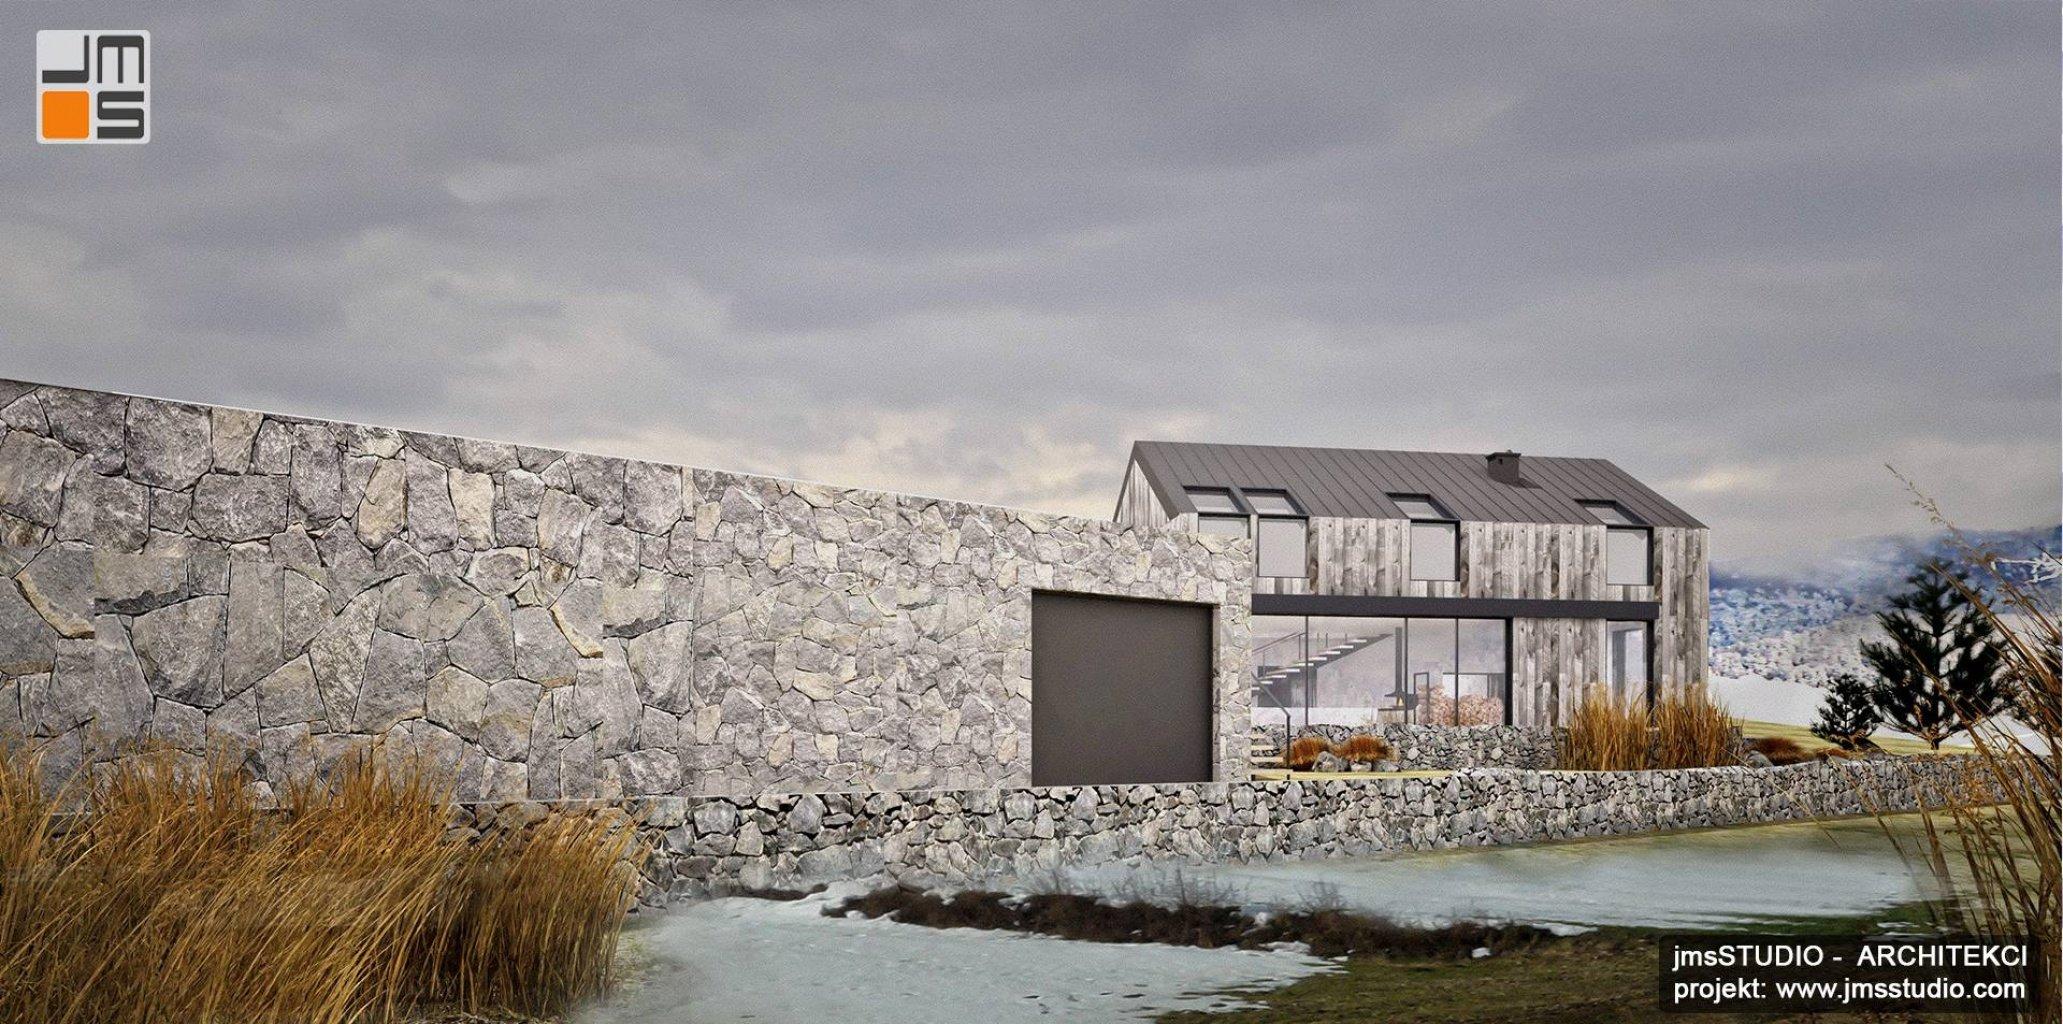 Projekt domu nowoczesna stodoła z ukrytym garażem i ciekawe ogrodzenie kamienne to dom skandynawski z drewnem na elewacji w Nowy Targ